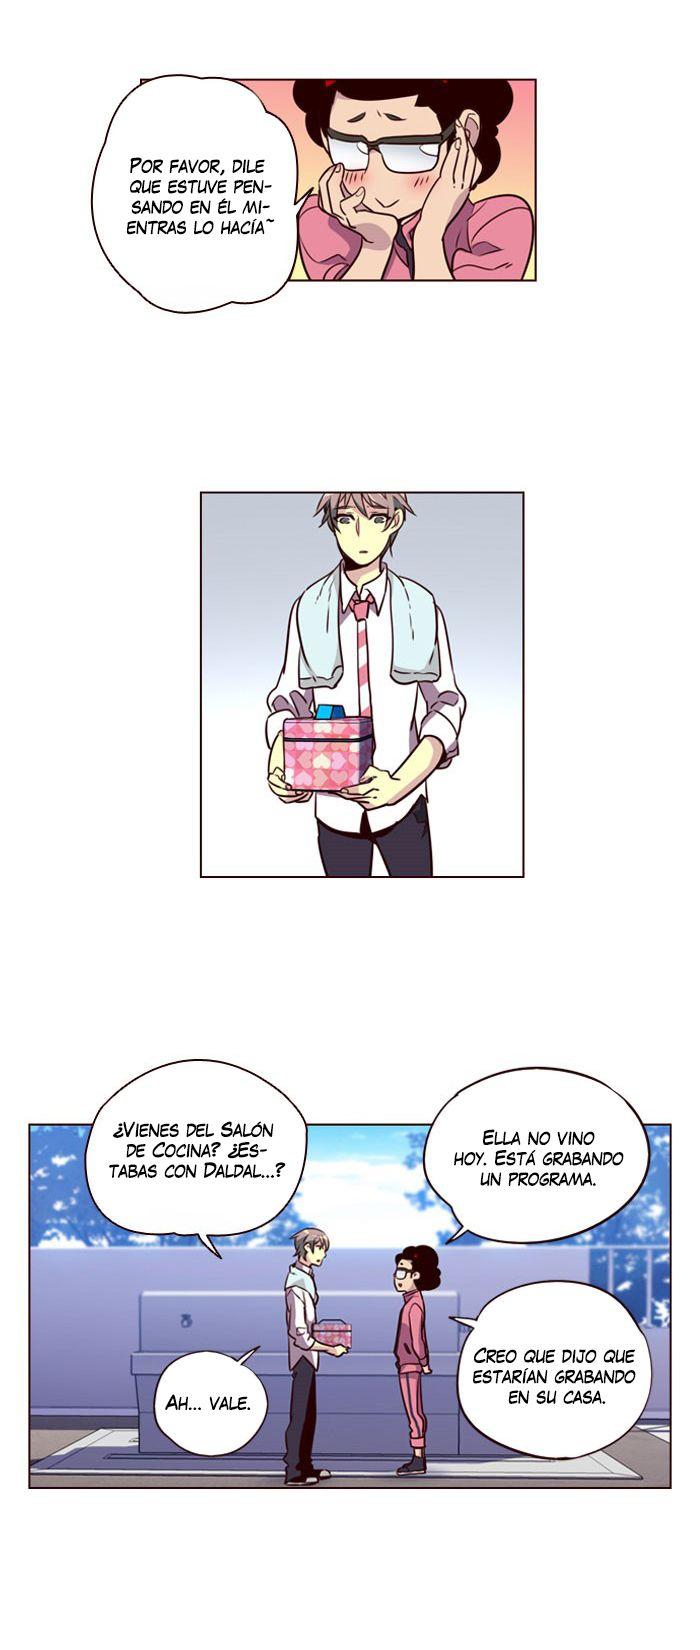 http://c5.ninemanga.com/es_manga/32/416/453466/7556c7dab4ecd0221c334e1f4d95b608.jpg Page 8